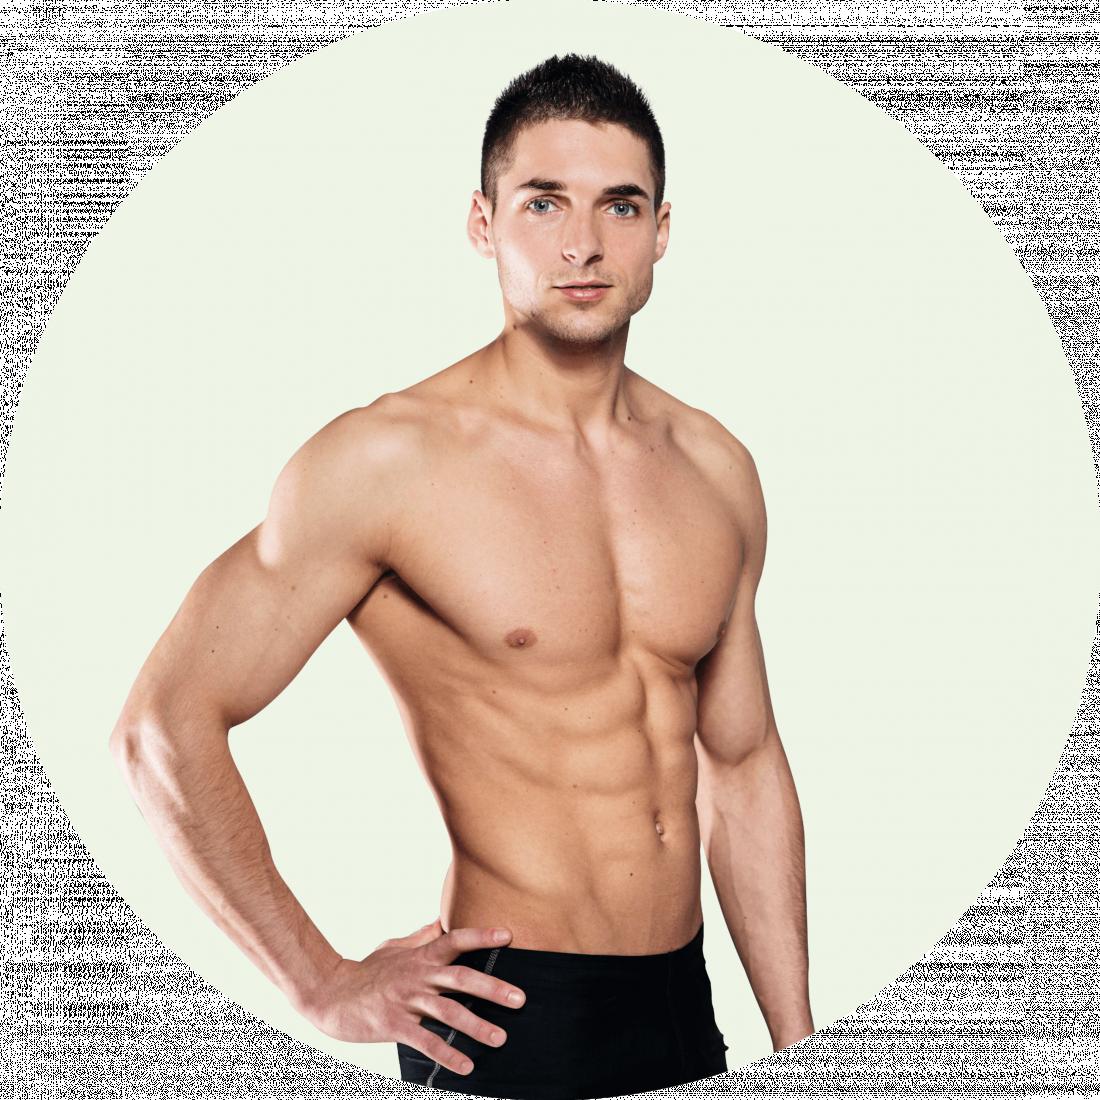 Perché gli uomini scelgono la Liposuzione Hi-Def?